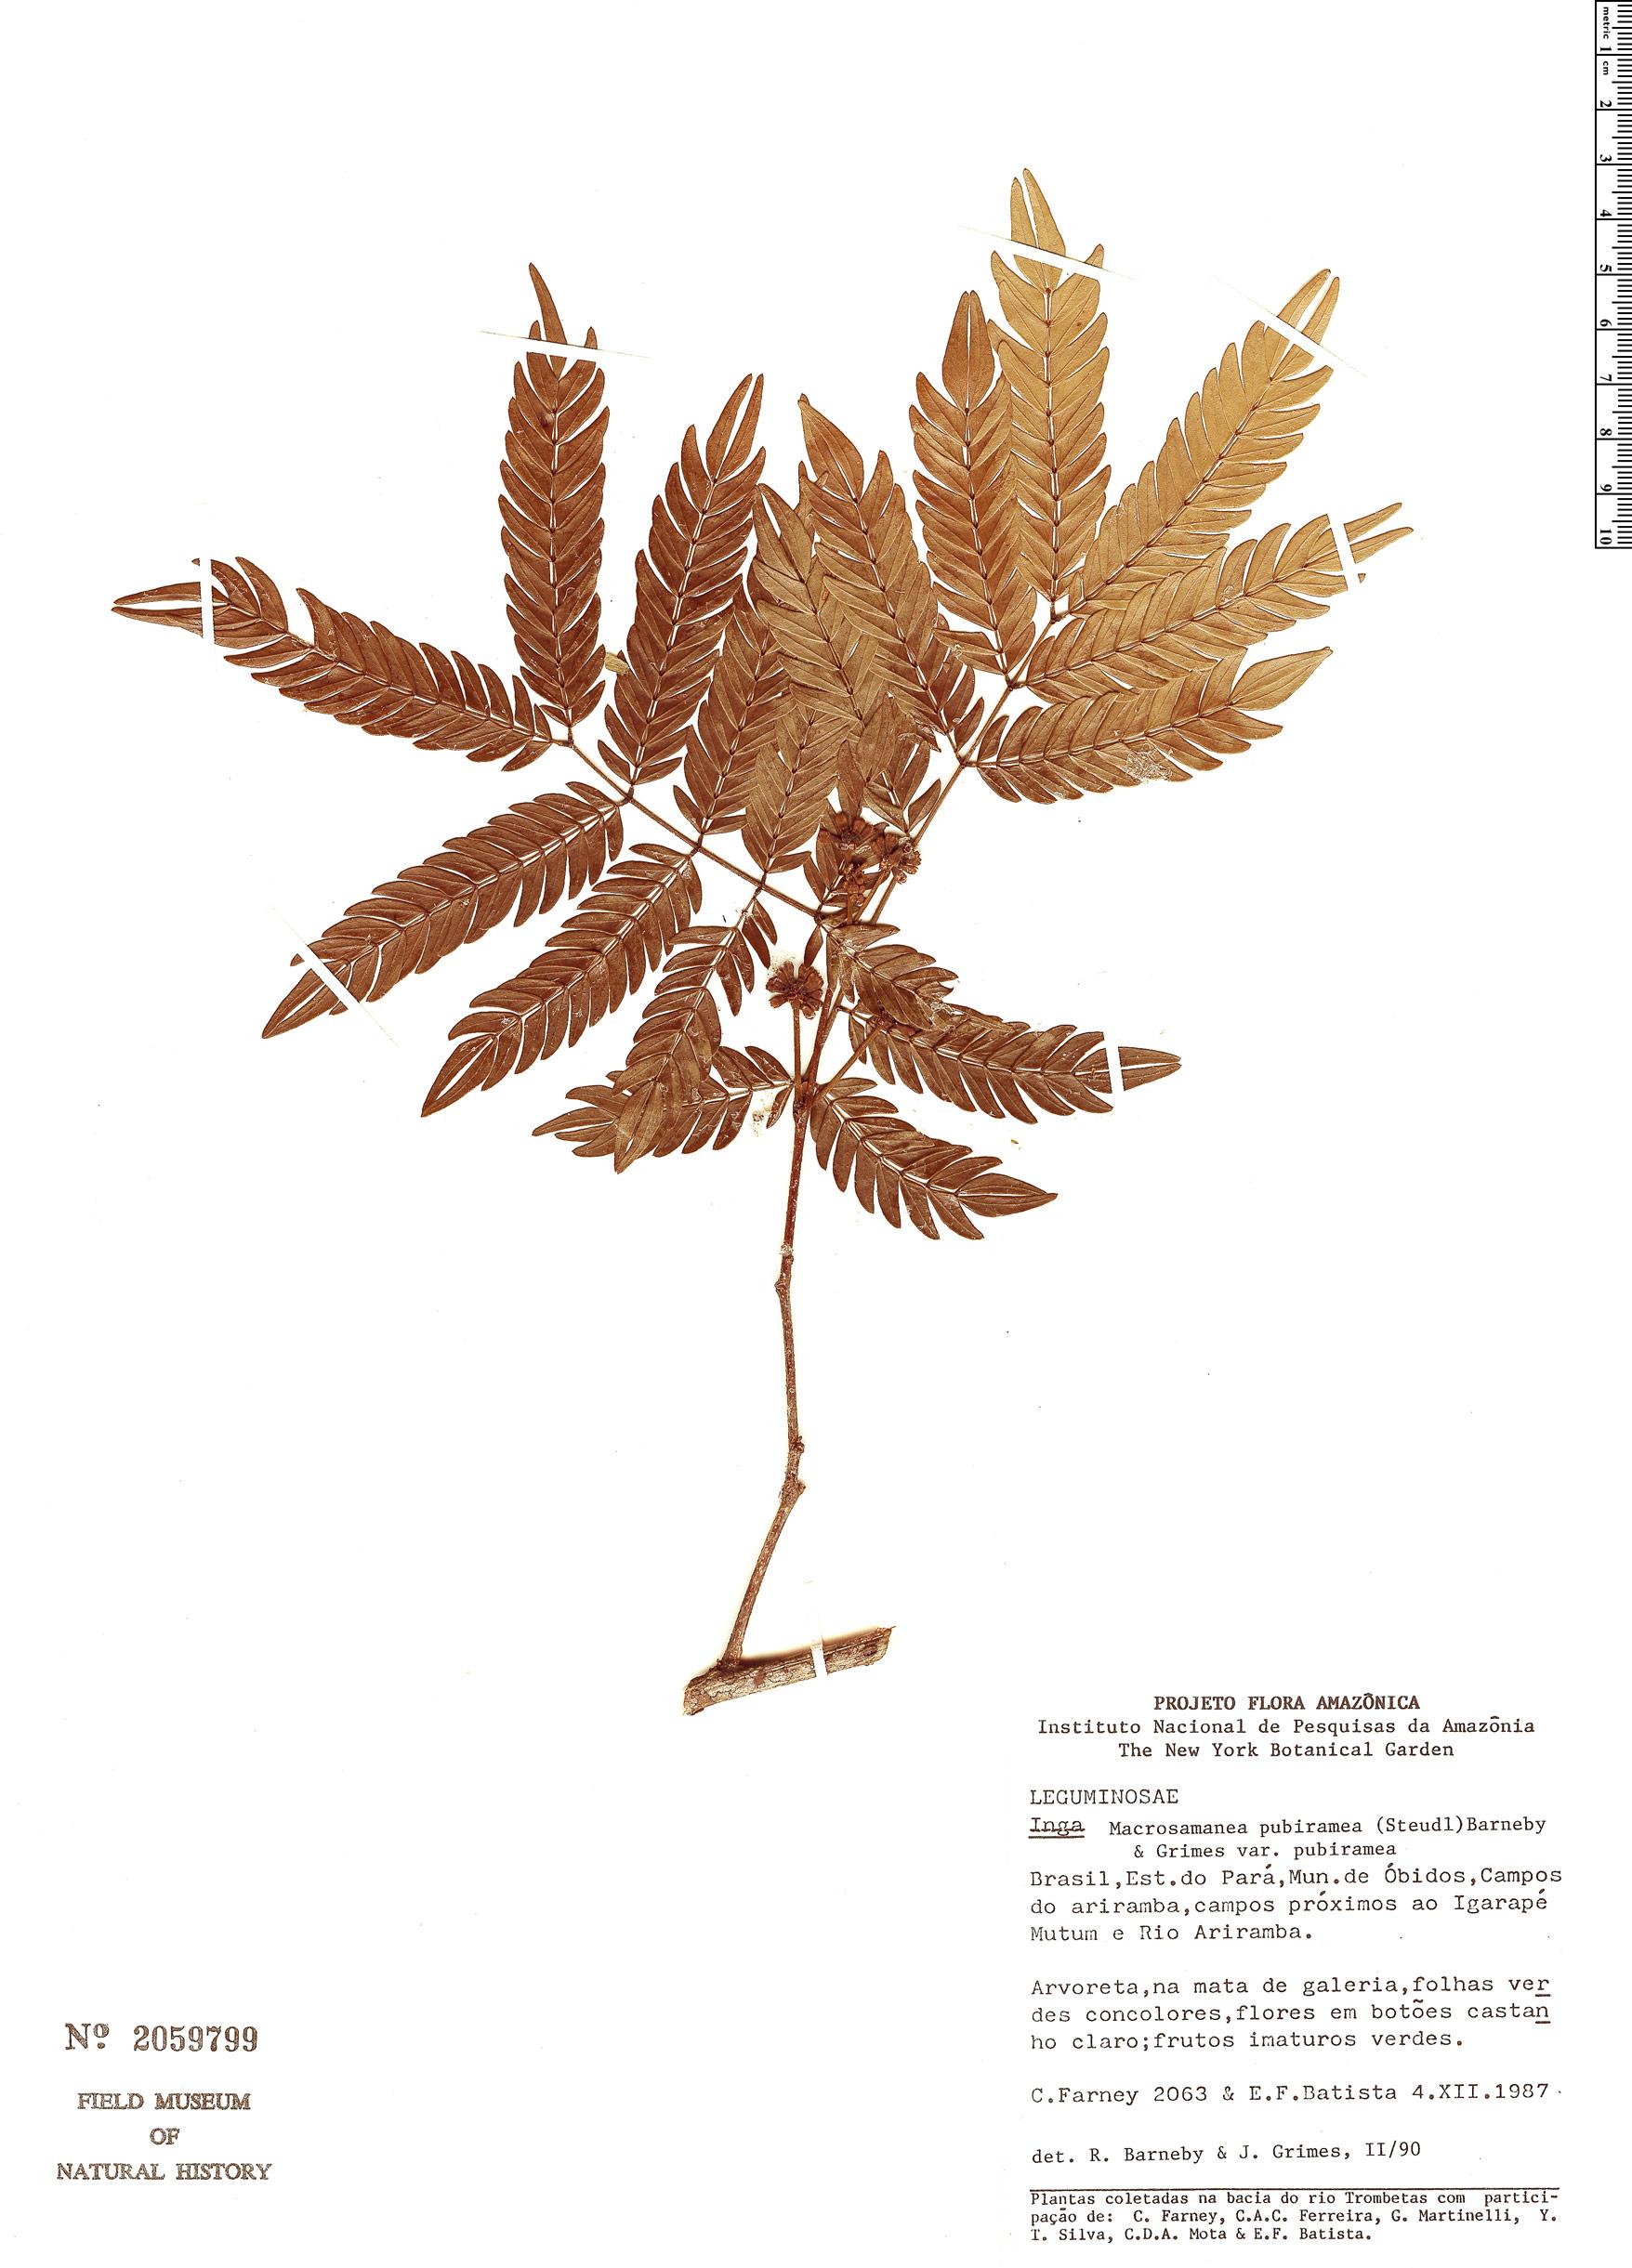 Specimen: Macrosamanea pubiramea